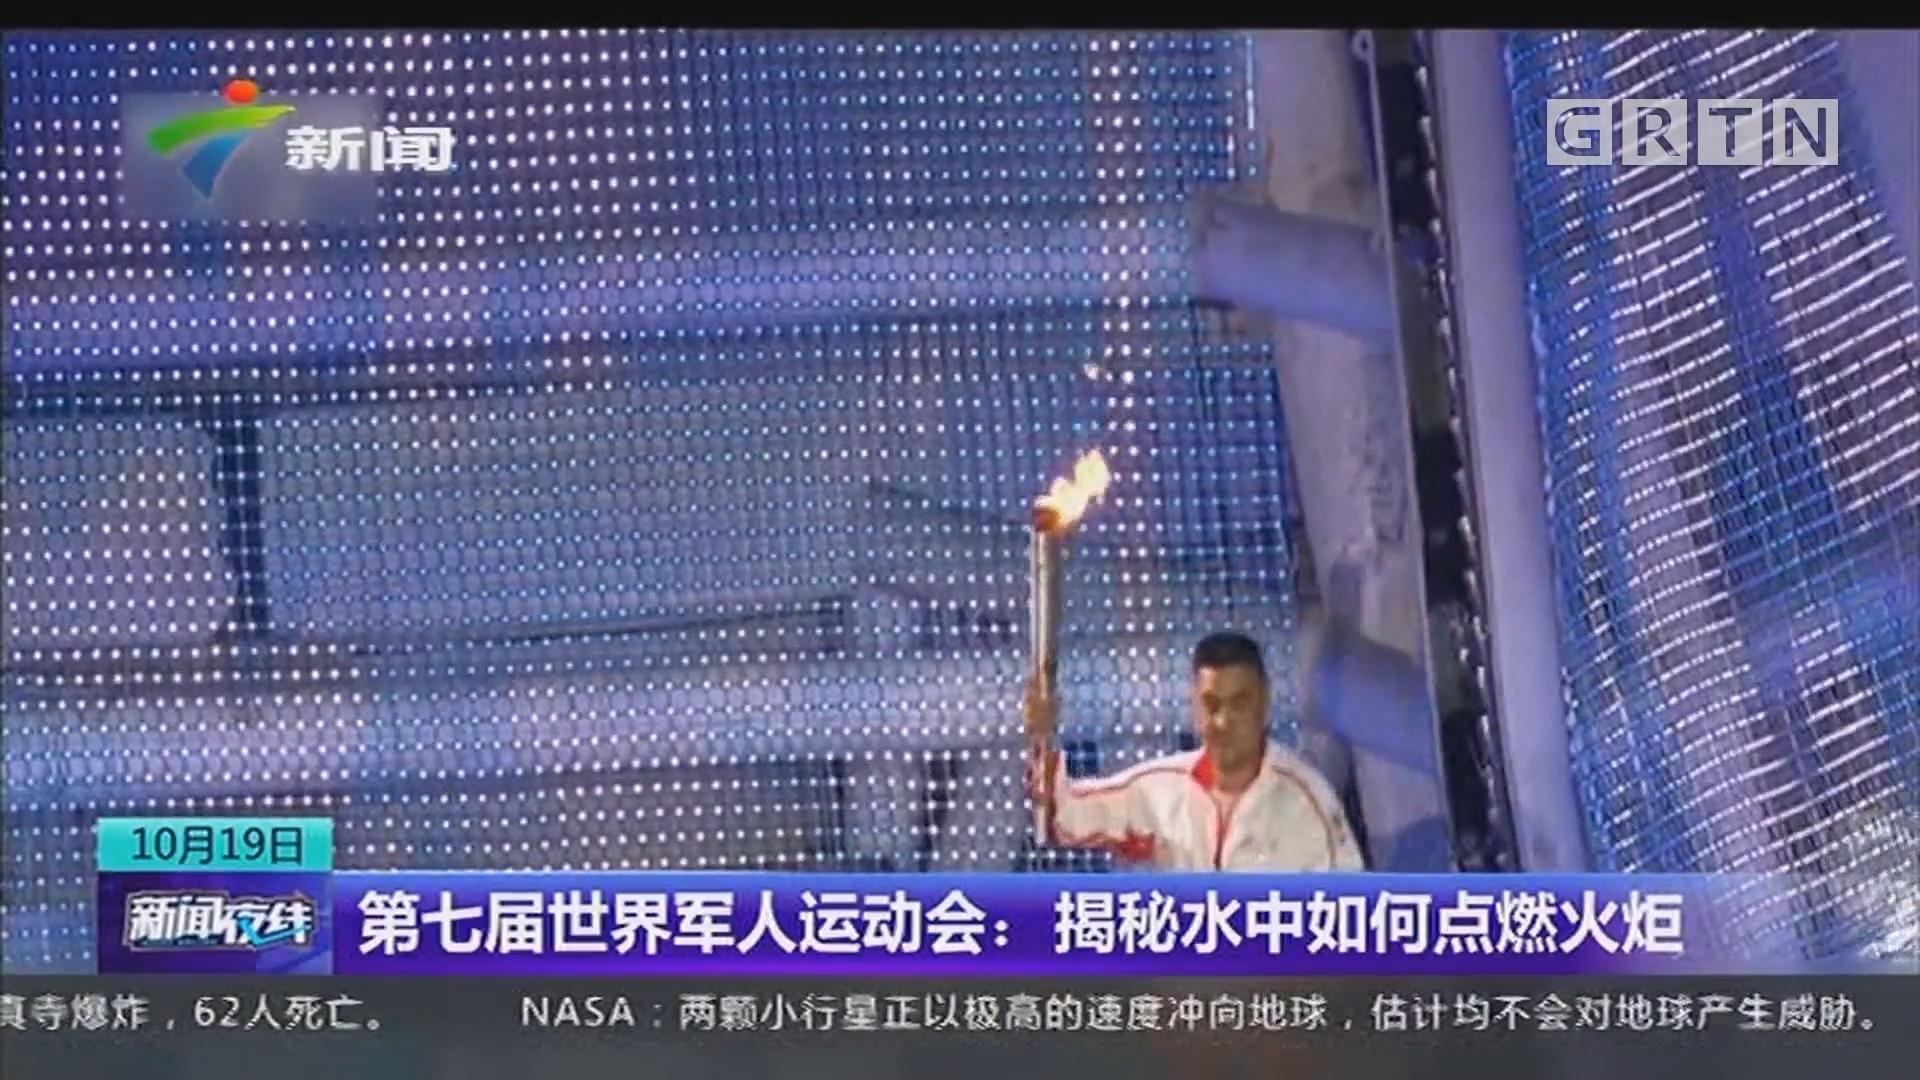 第七届世界军人运动会:揭秘水中如何点燃火炬